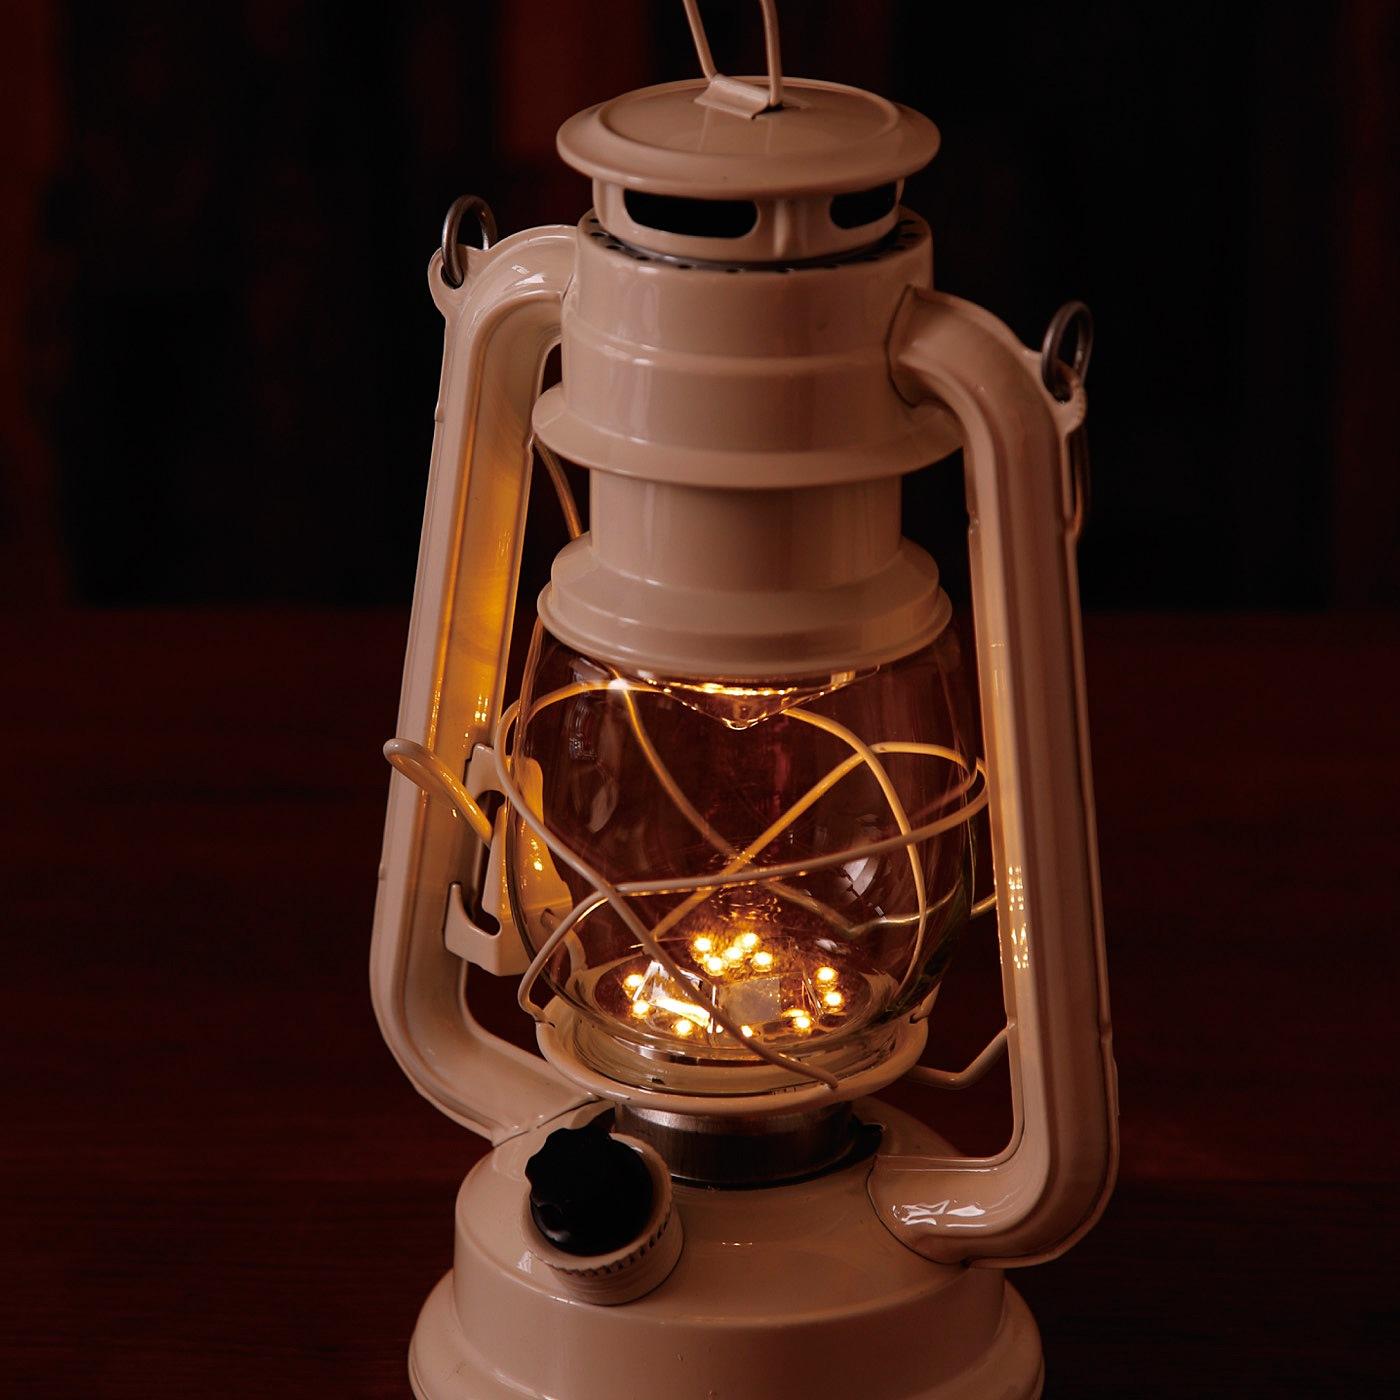 15灯のLEDで、ダイヤルを回してお好みの明るさに無段階で調整できます。